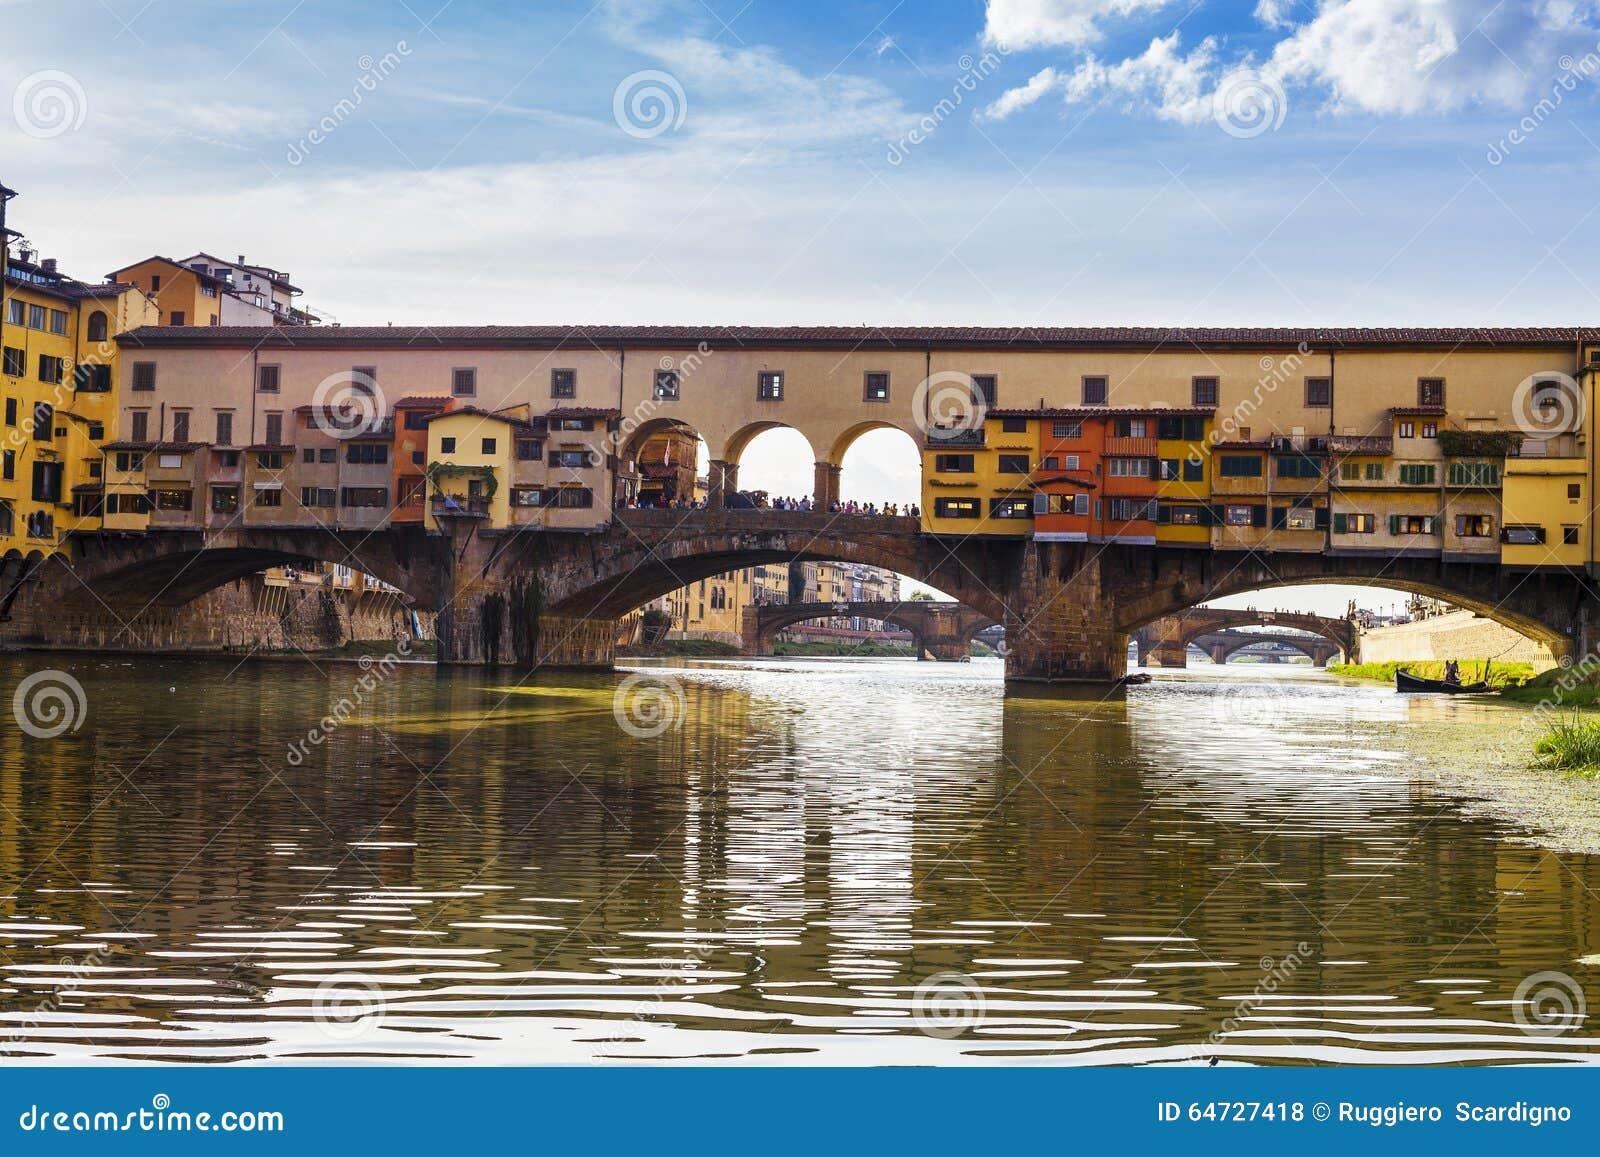 Città di Firenze Vista del ponte di Ponte Vecchio in Italia